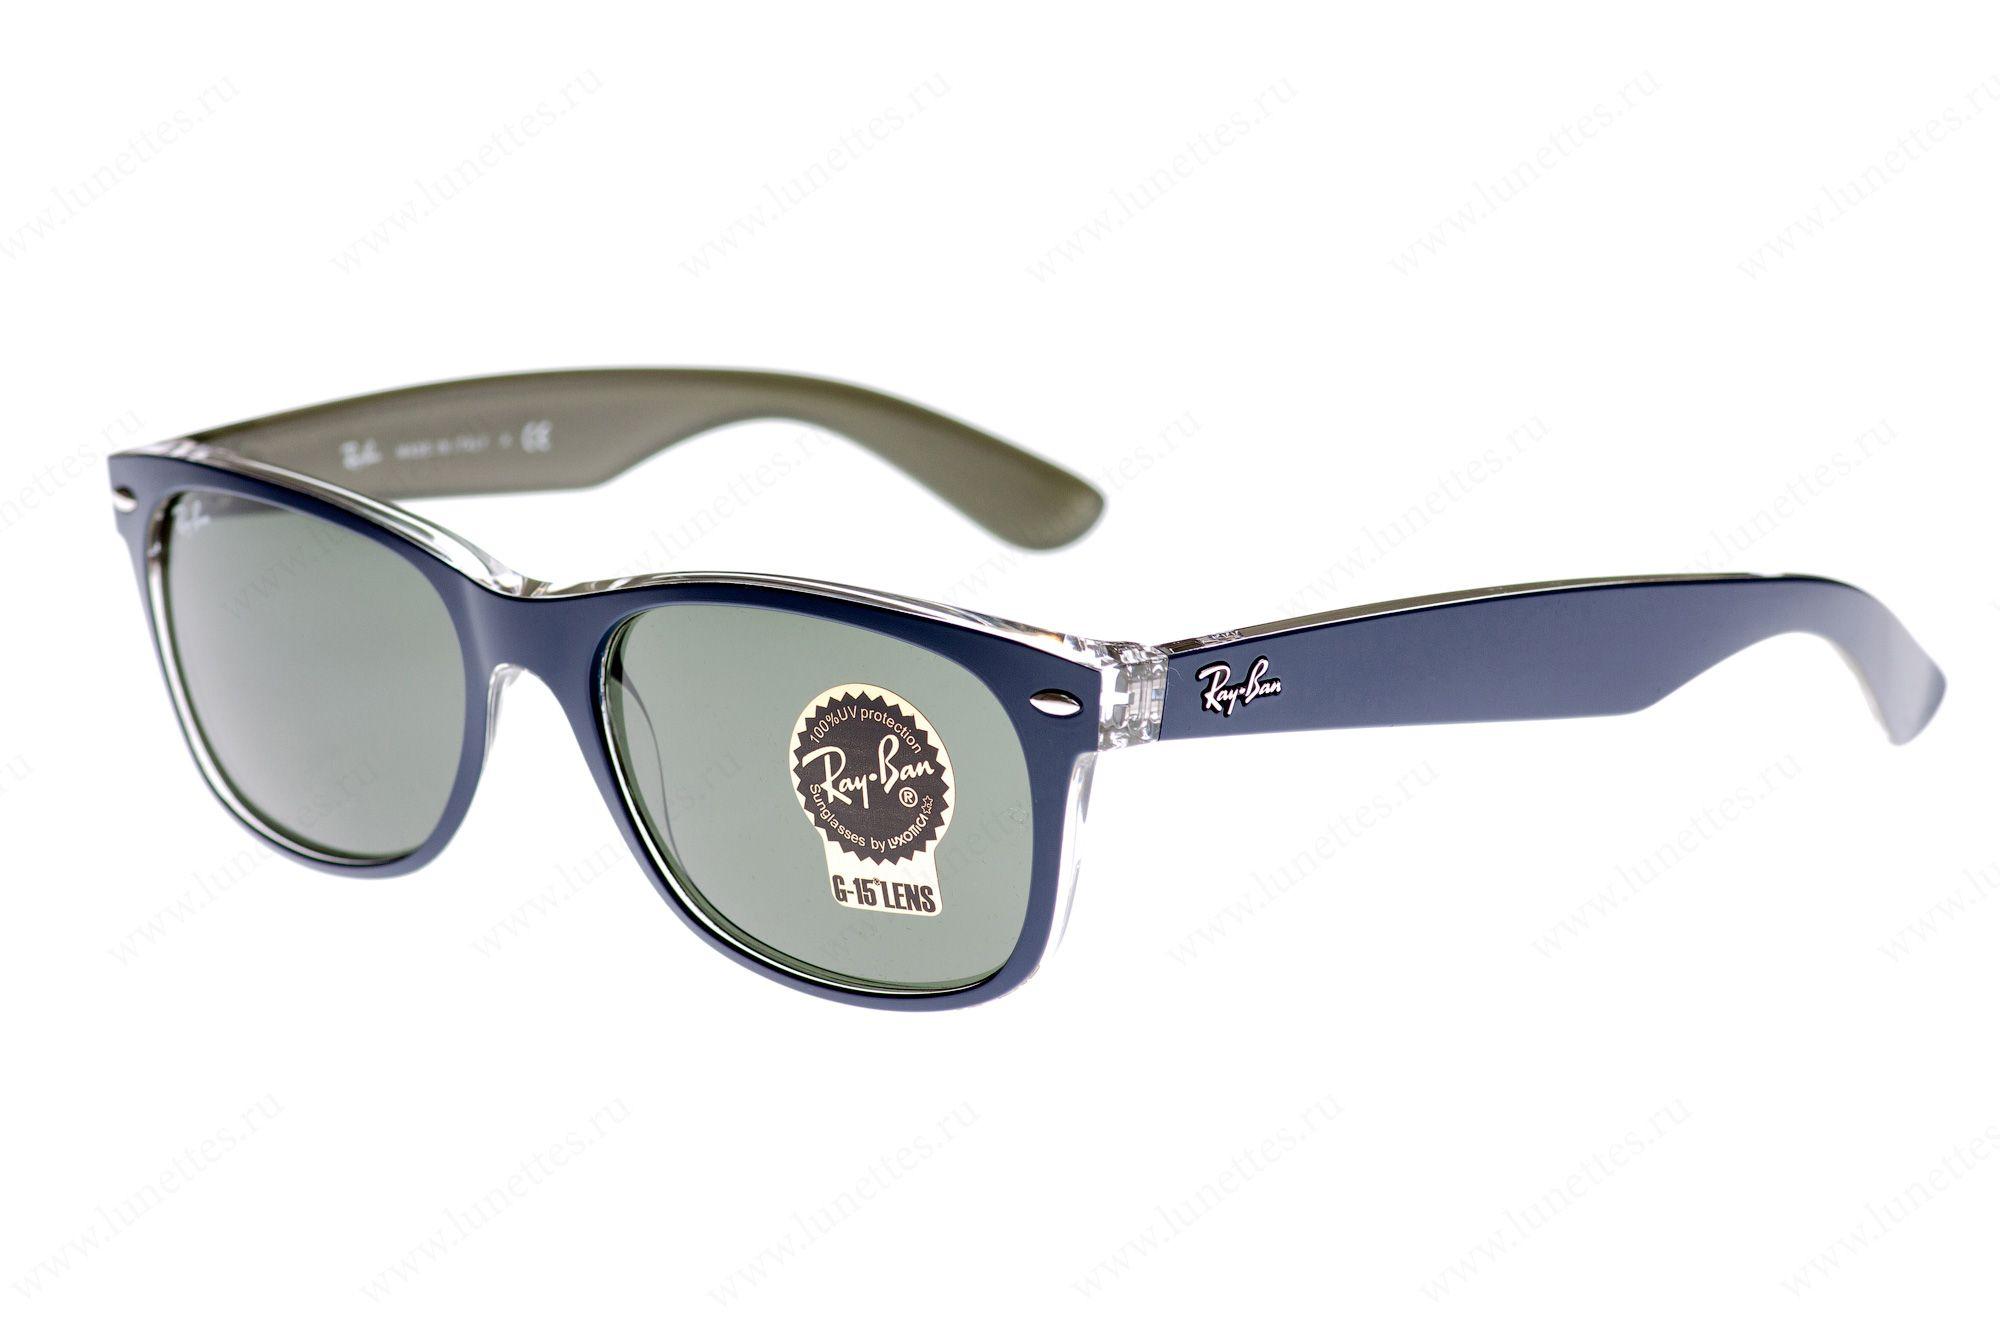 """Купить солнцезащитные очки Ray-Ban 0RB2132 6188 в интернет-магазине """"Роскошное зрение"""""""